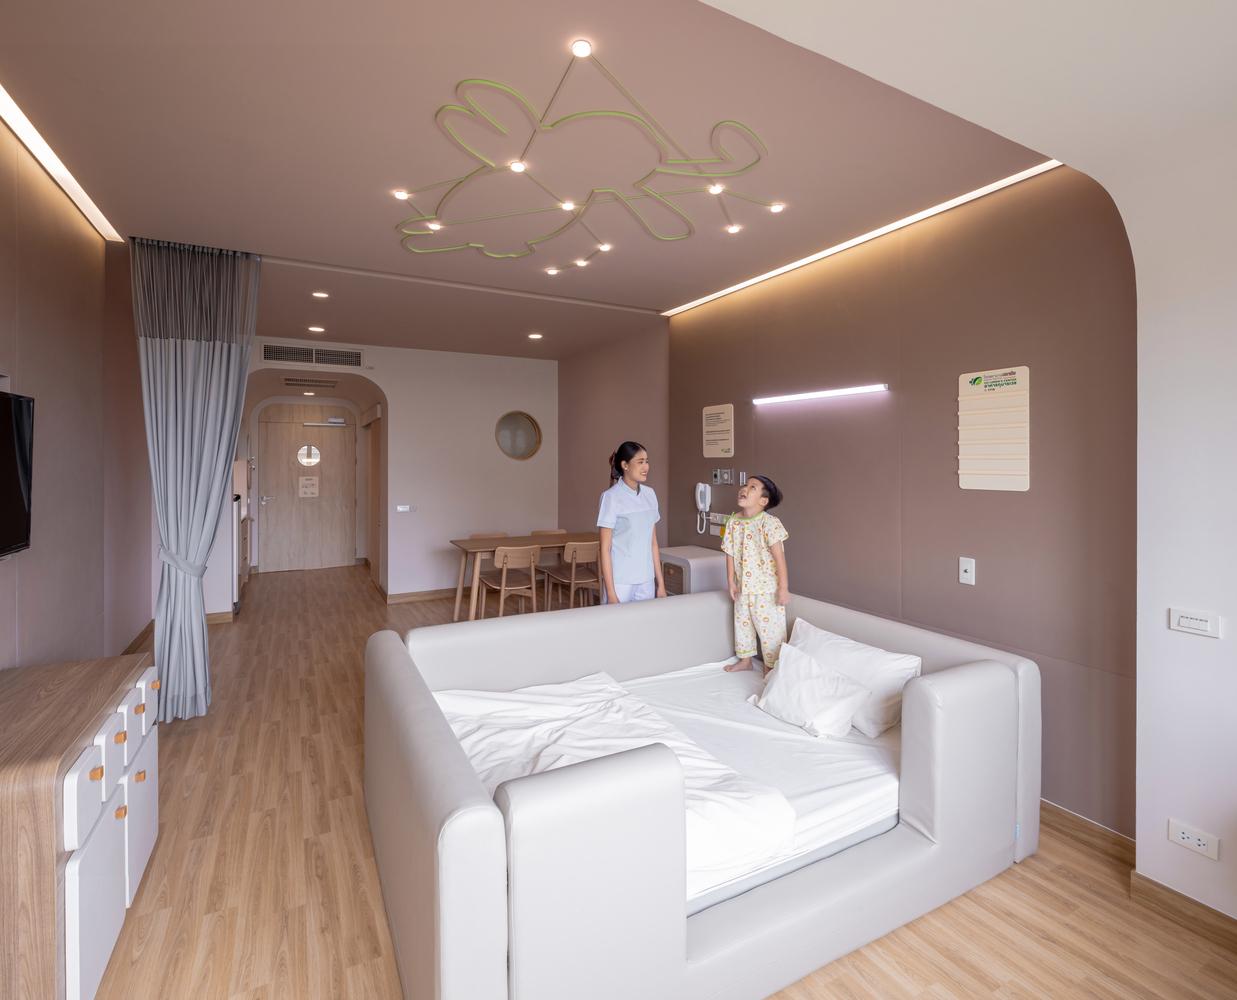 Dormitorios para niños: Cómo diseñar un entorno saludable para el sueño,Hospital Infantil EKH / IF (Integrated Field). Image © Ketsiree Wongwan